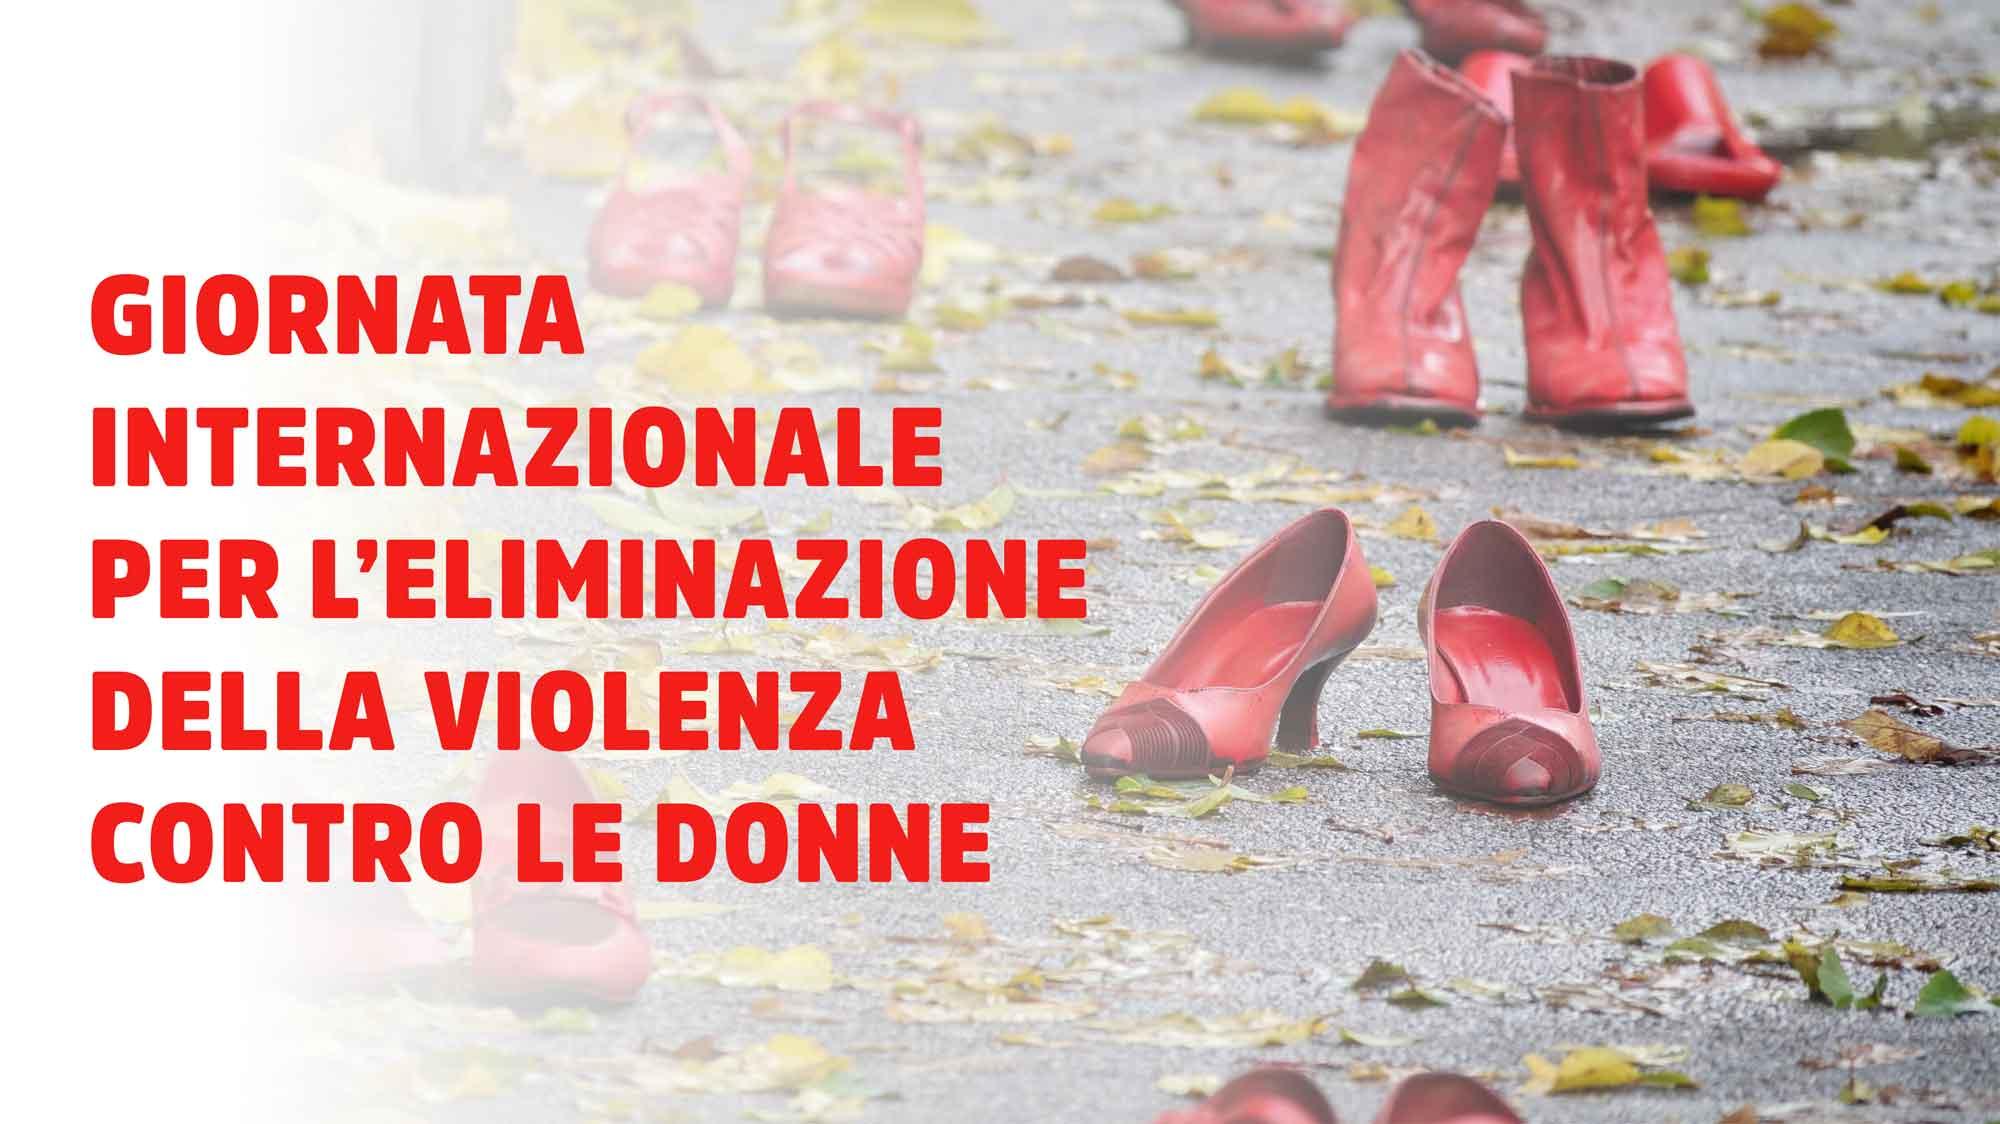 25 novembre giornata internazionale per l eliminazione della violenza contro le donne 25 novembre giornata internazionale